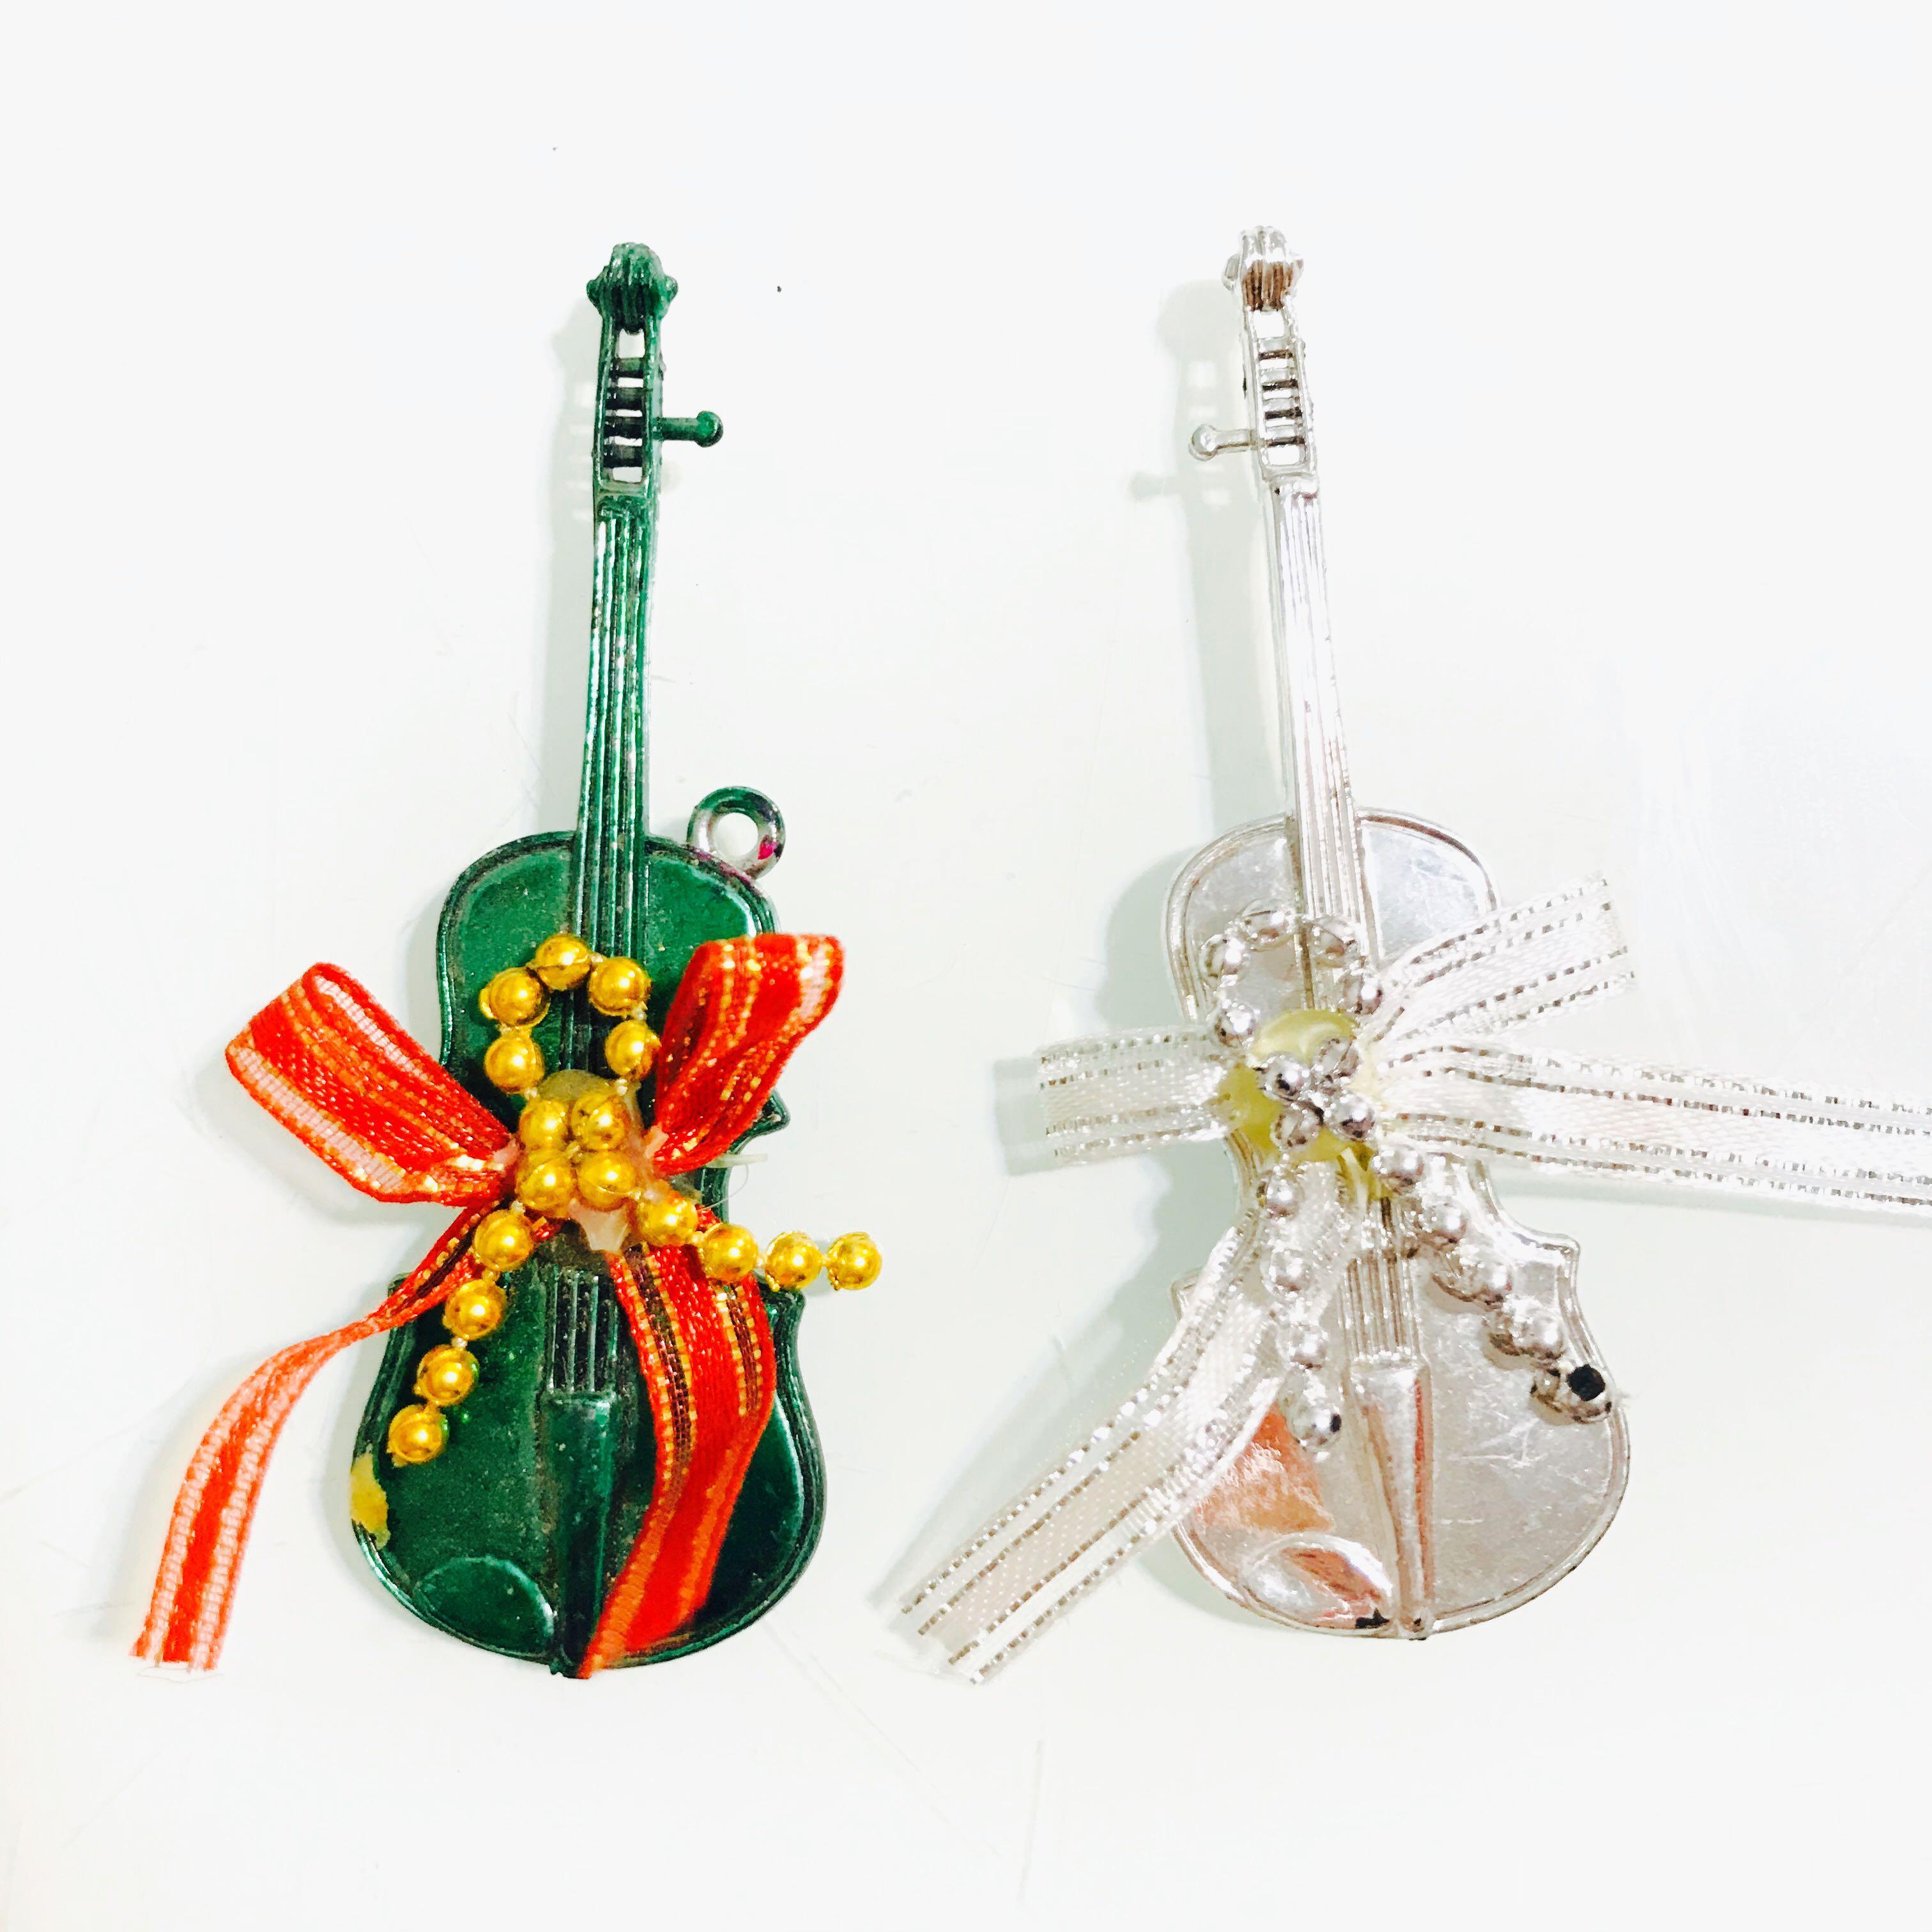 少量現貨🎄聖誕飾物 閃金幻彩樂器 喇叭仔 娃娃 派對 音樂會 裝飾 模型玩具拍攝用品 CHRISTMAS XMAS PARTY  BLYTHE YOSD BARBIE LICCA DOLL INSTRUMENT  DECORATION